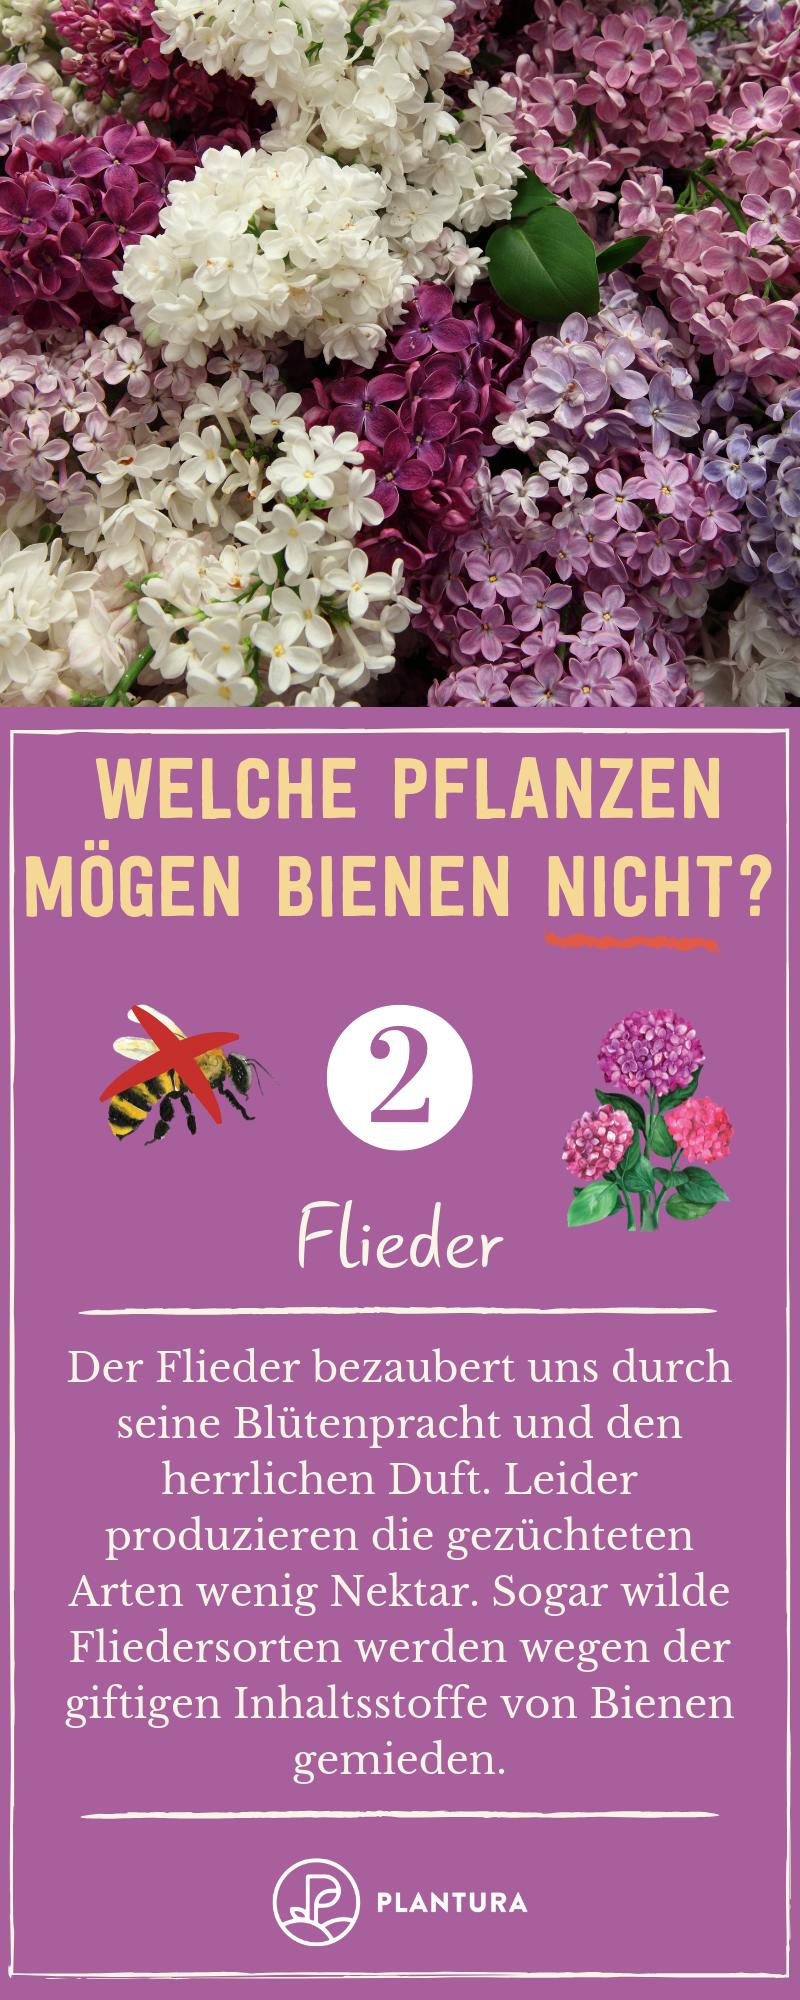 Welche Pflanzen mögen Bienen nicht | Pflanzen, Flieder ...